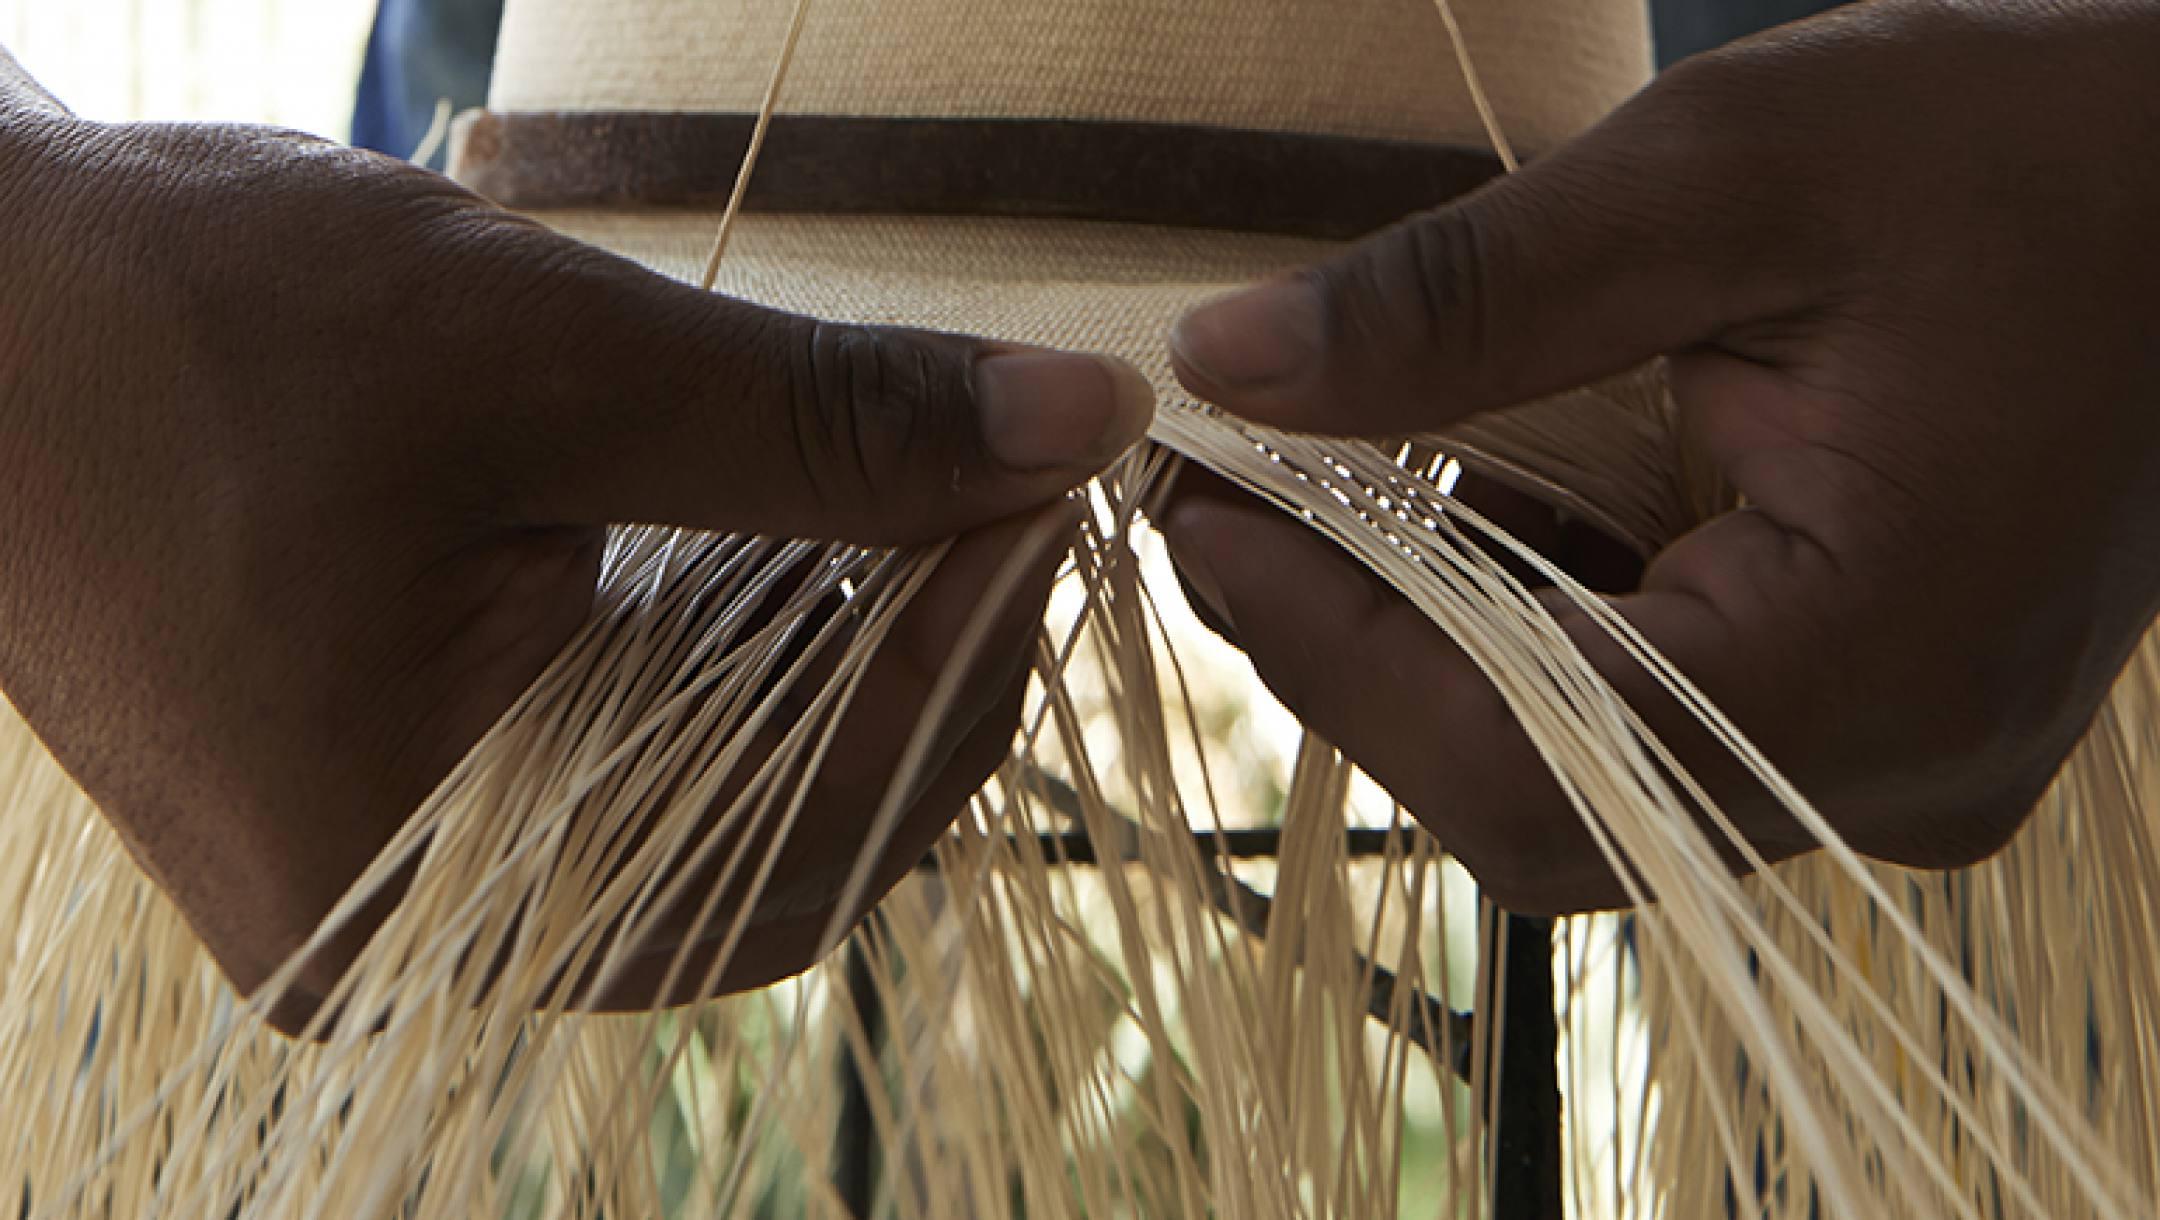 Le tressage du Panama est une partie importante et surtout difficile de la fabrication du panama